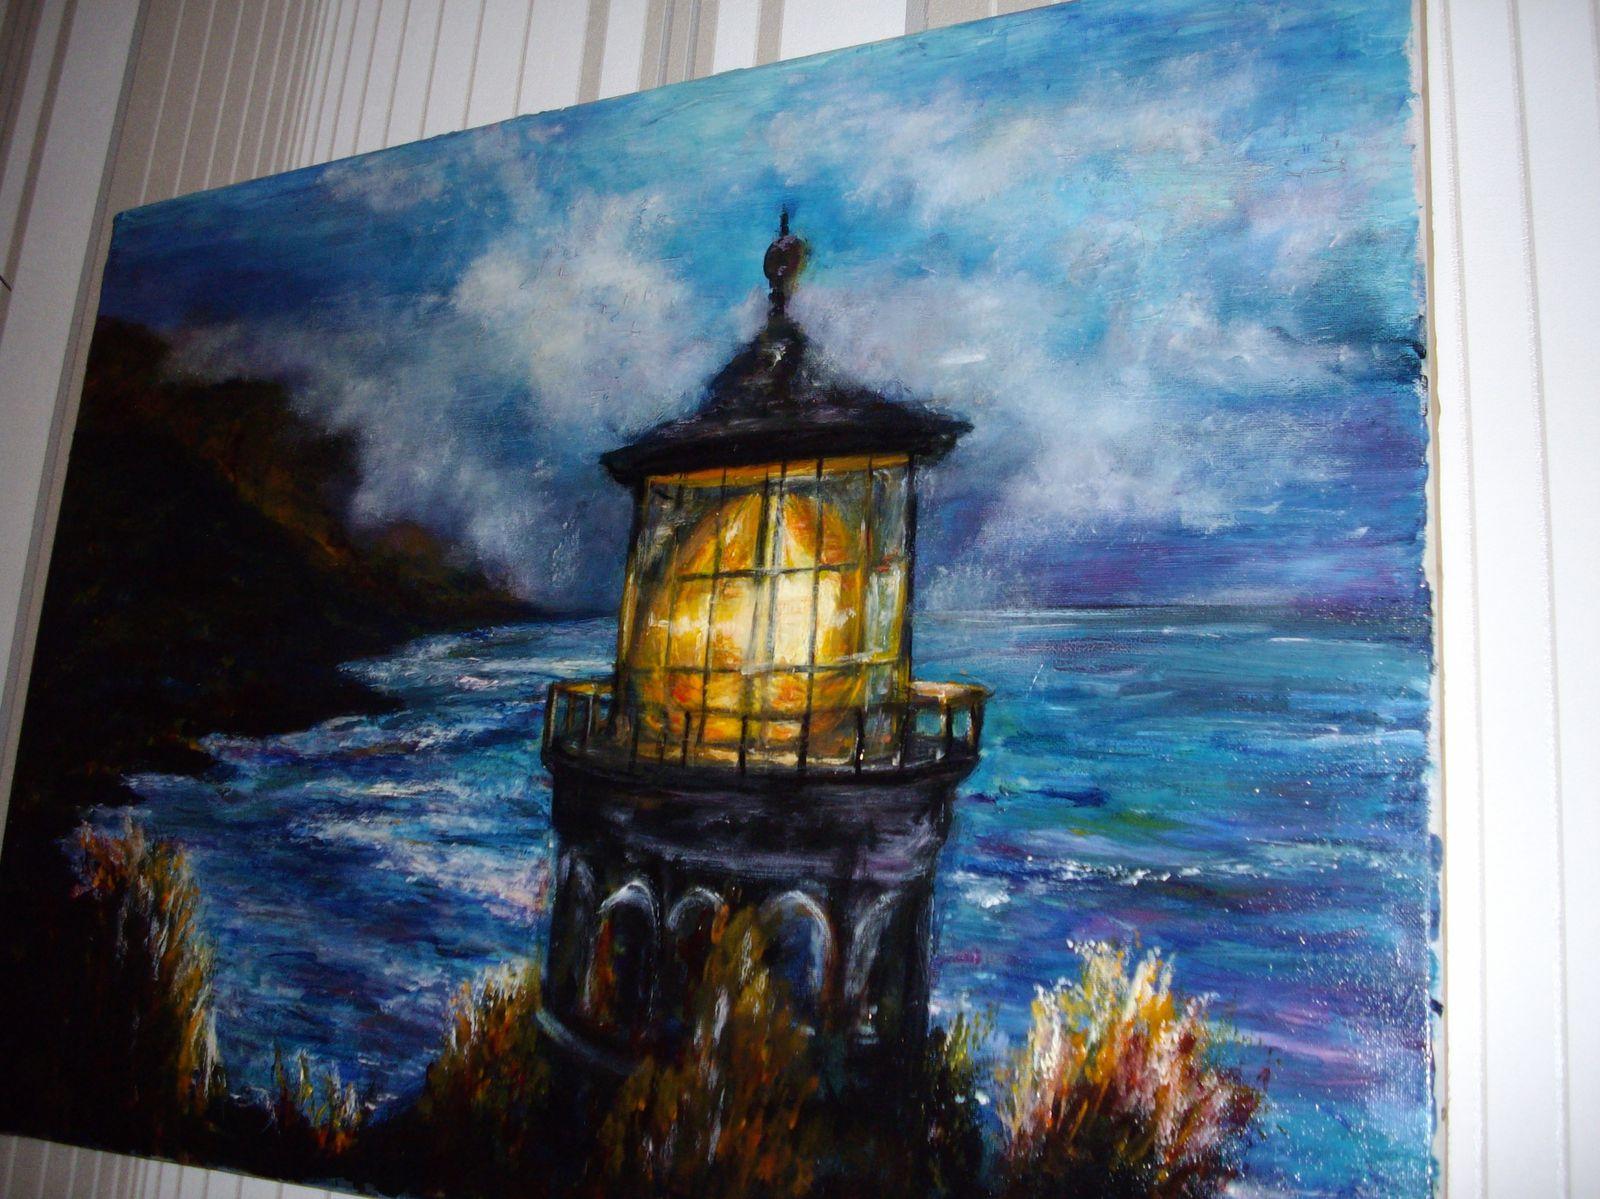 le phare tableau peinture huile une marine la nuit lumiere magique et brume le blog de. Black Bedroom Furniture Sets. Home Design Ideas